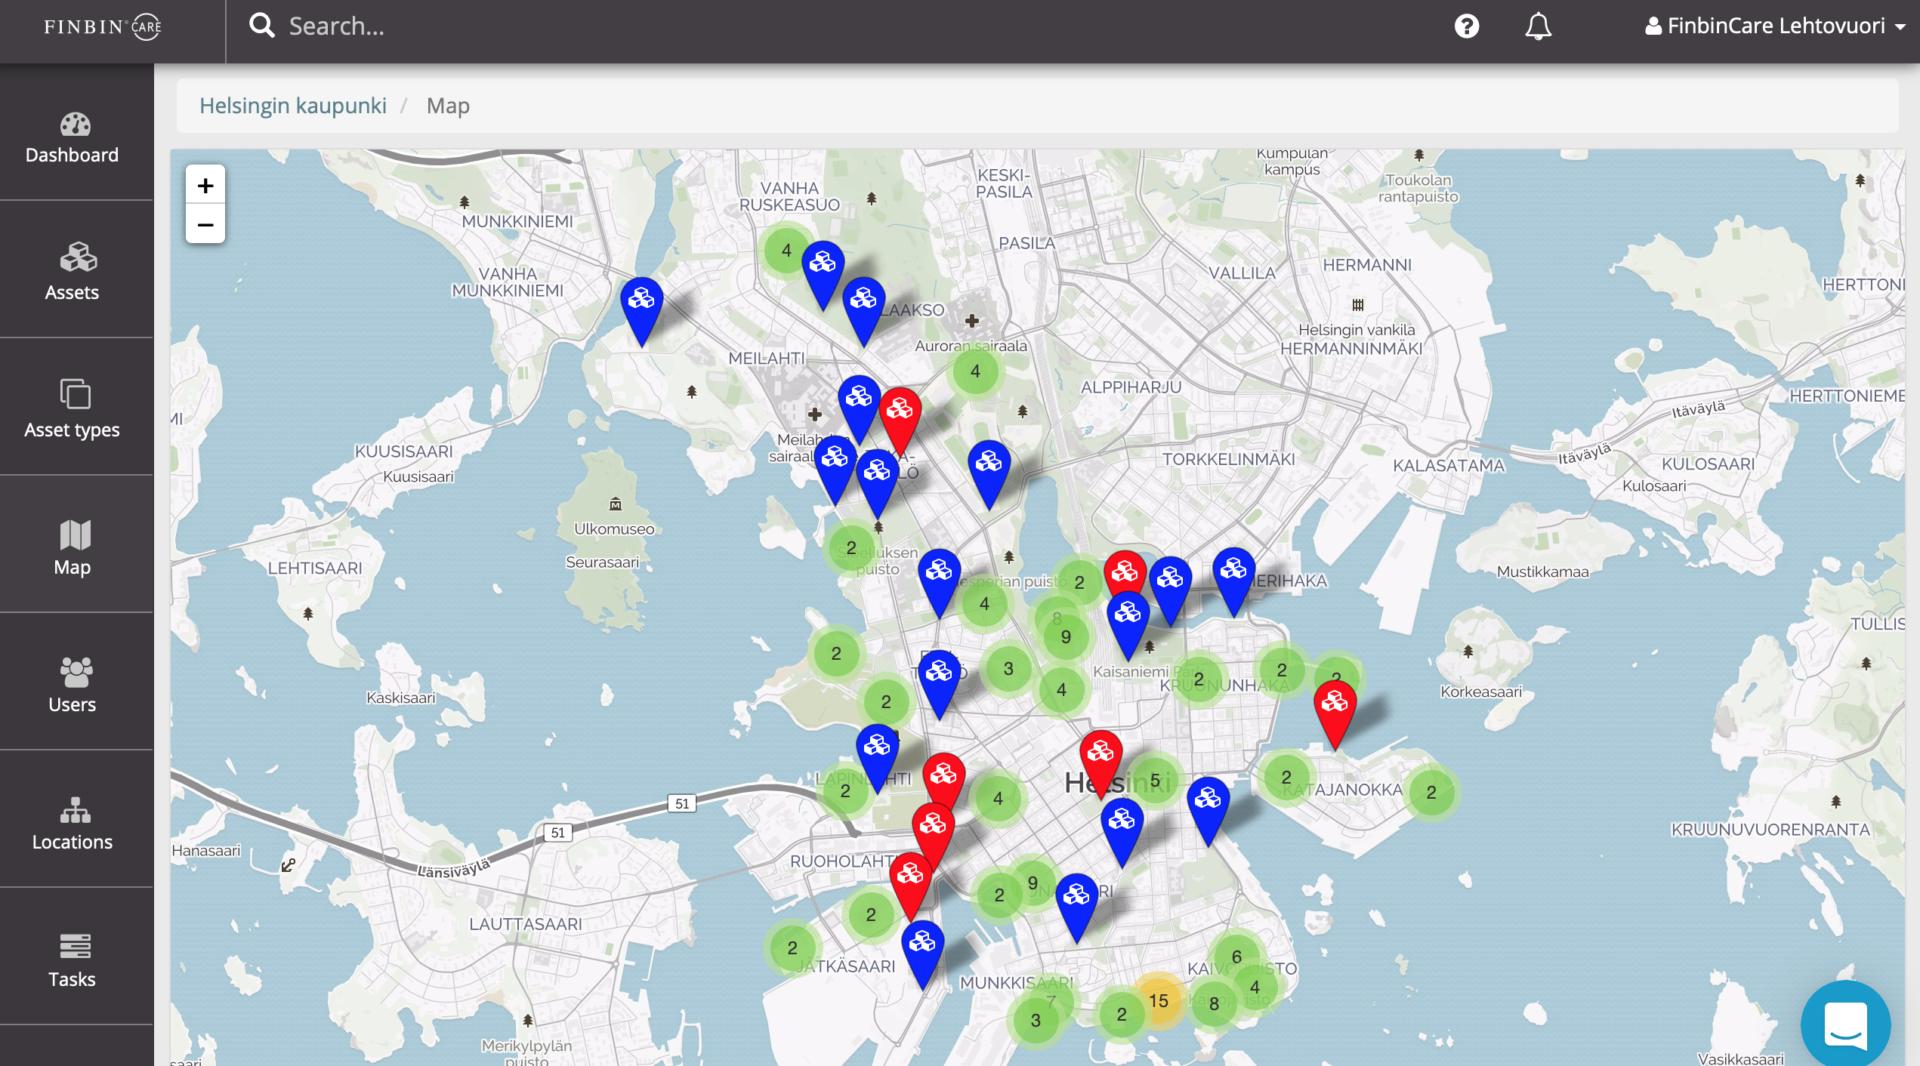 Älytunnisteilla varustetut jäteastiat näkyvät FinBinCare-järjestelmän kartalla